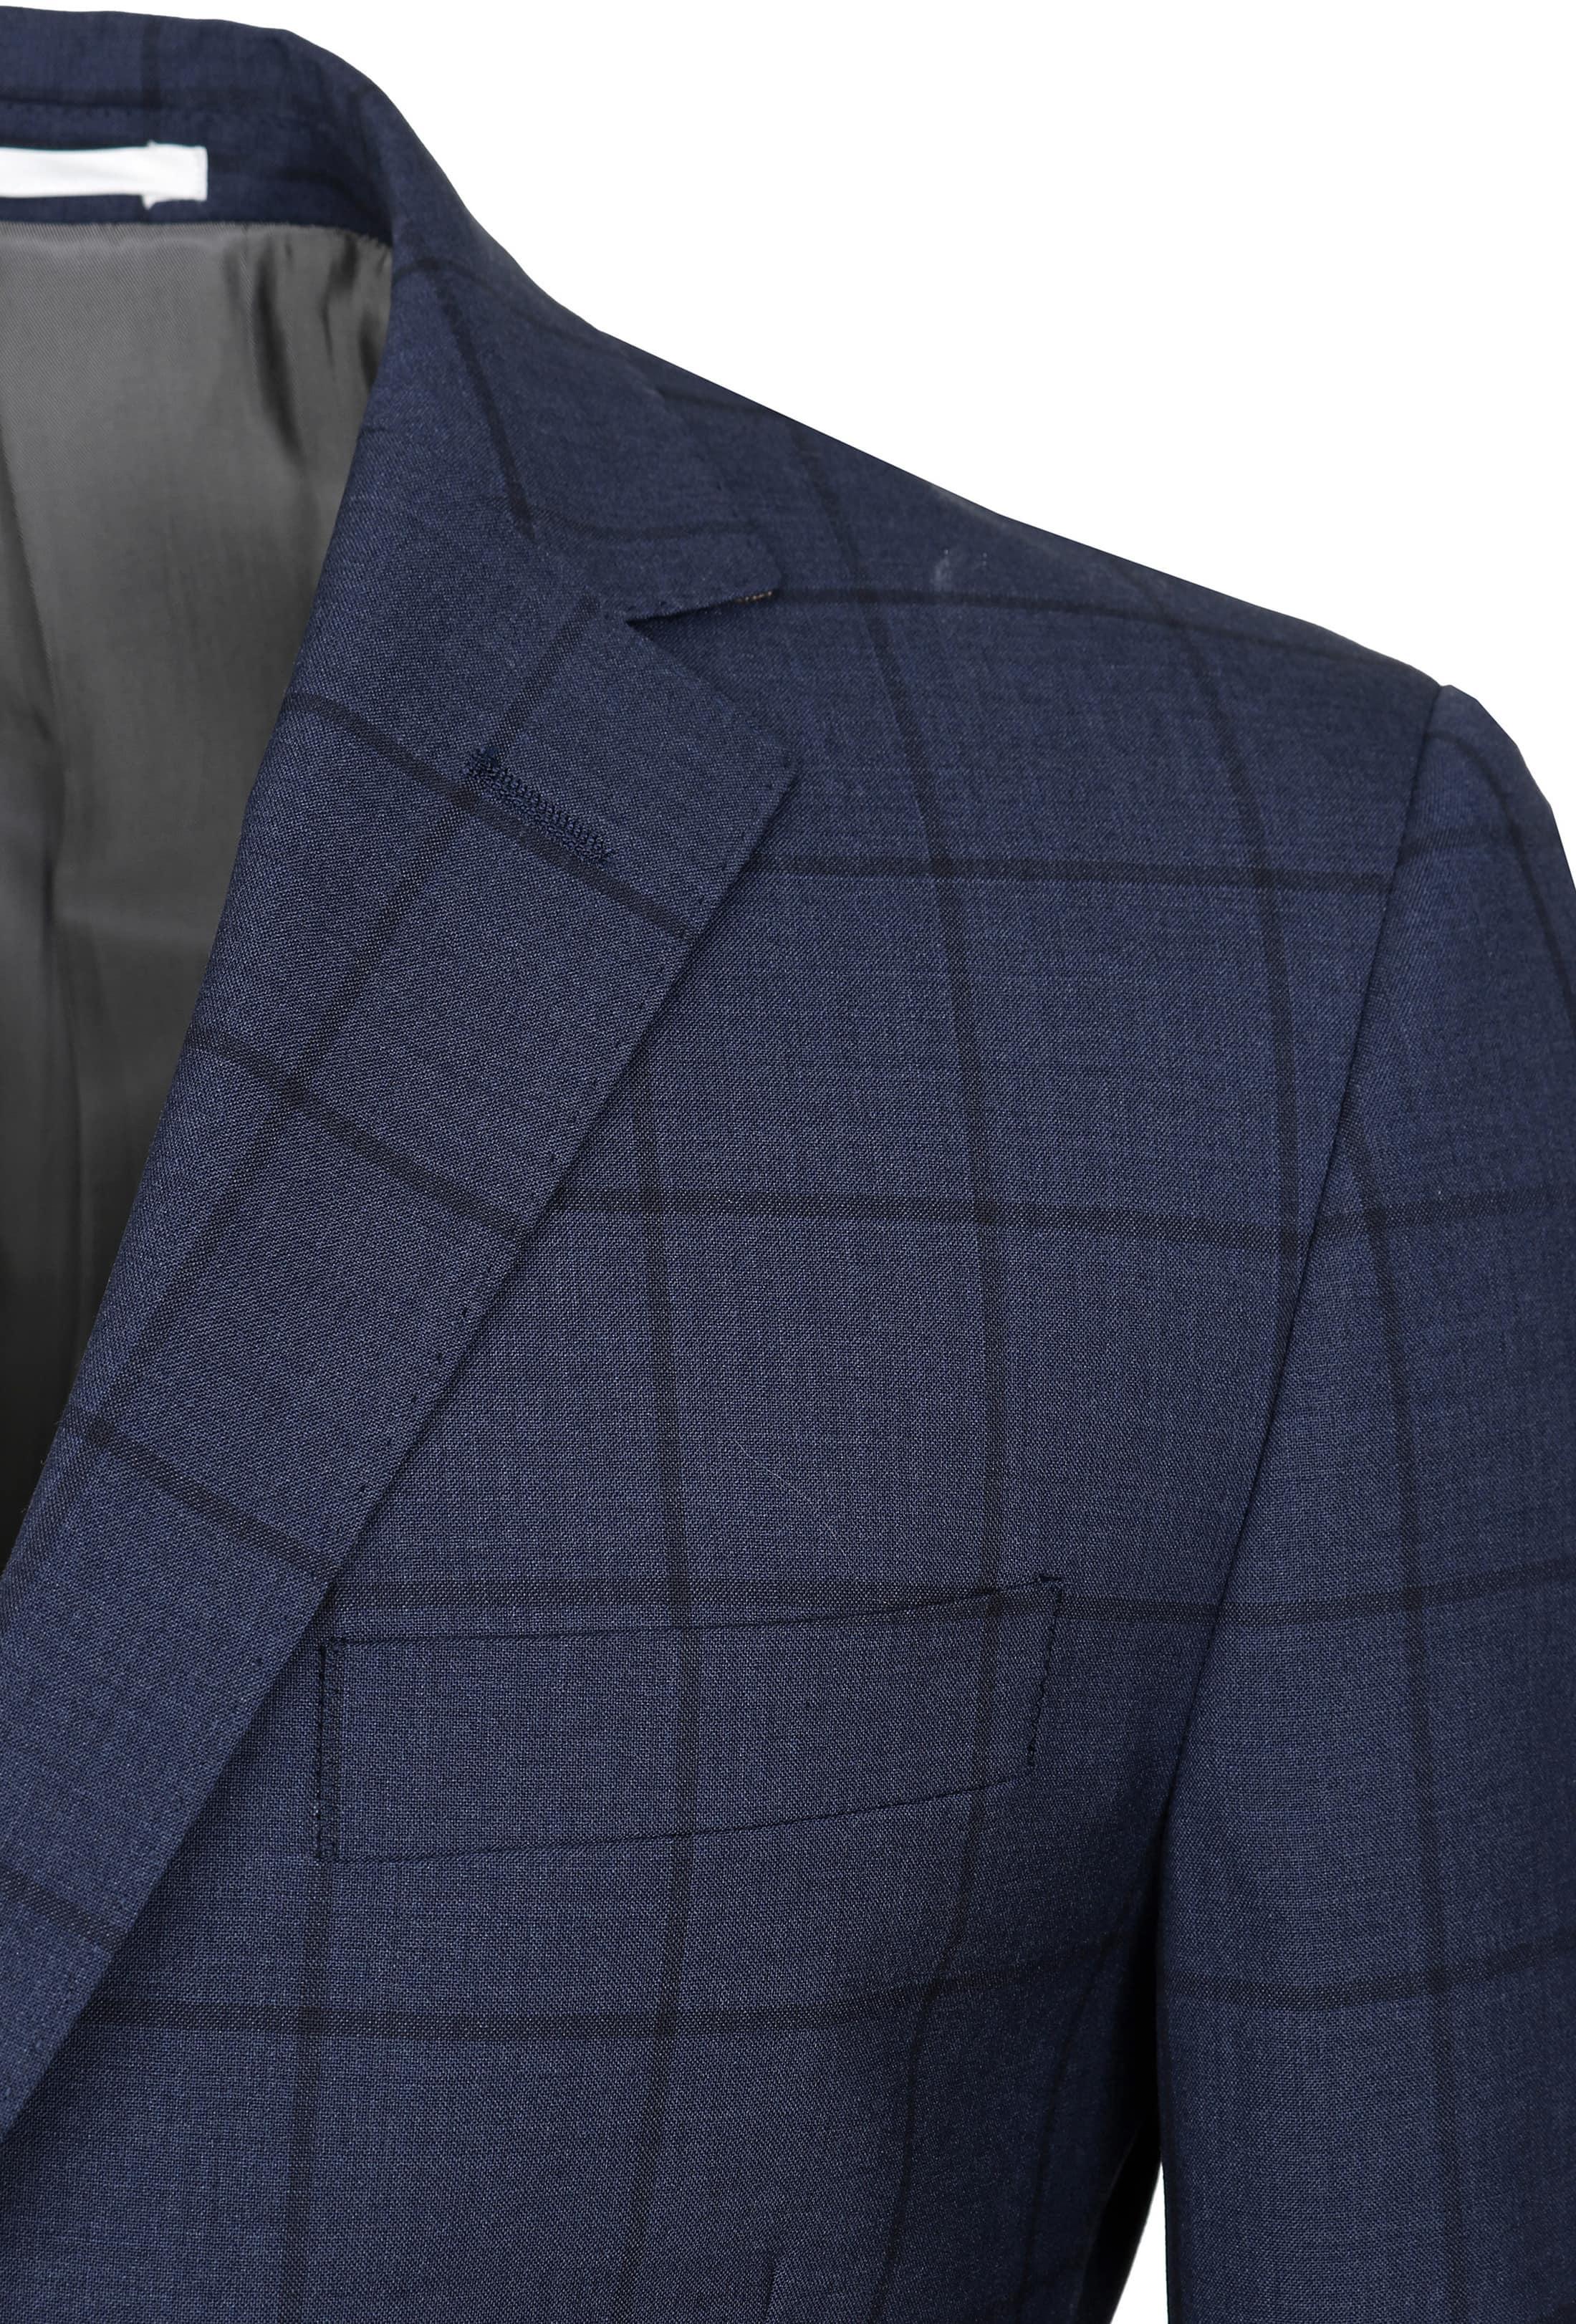 Suitable Suit Lucius Checks foto 3